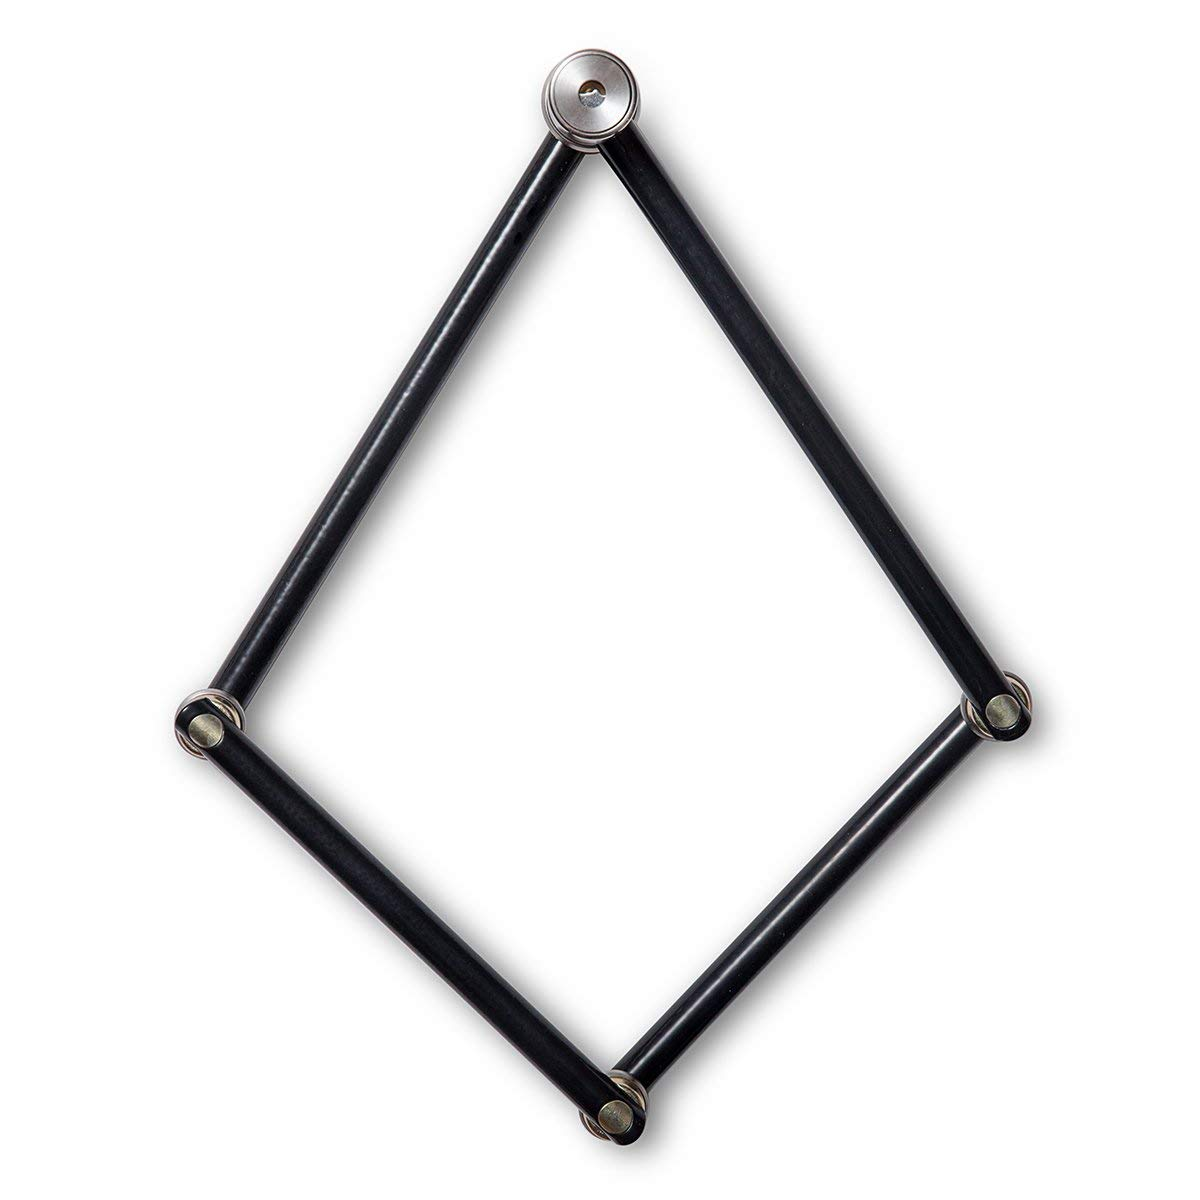 偉大な APEX B07KRMGRQJ APEX TI ブラック ブラック B07KRMGRQJ, 花水木:6f3f6400 --- albertlynchs.com